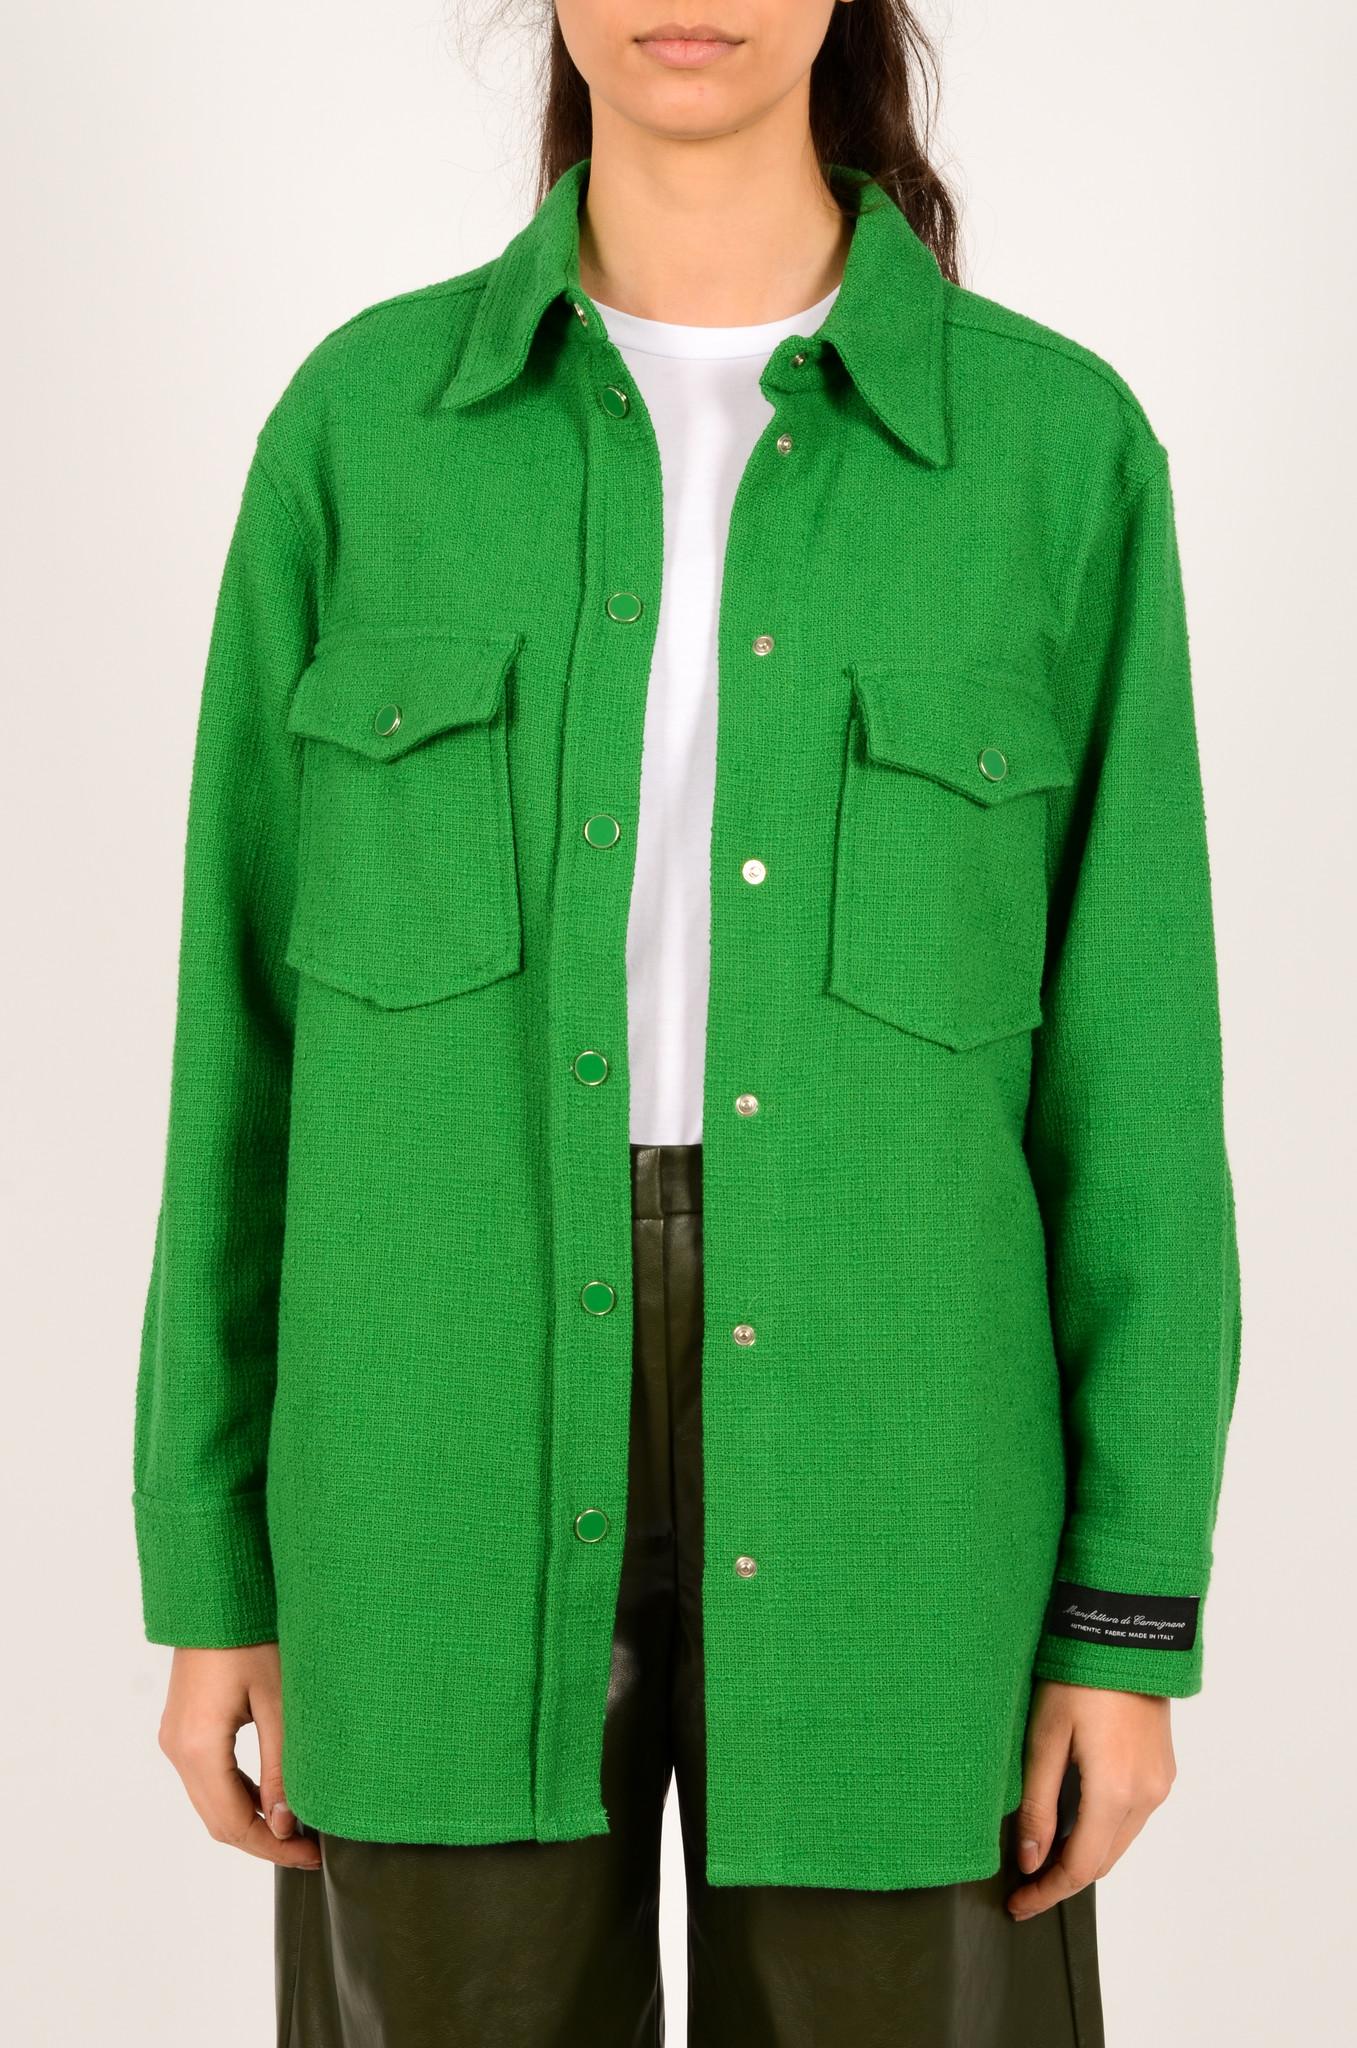 GREEN TEXTURED SHIRT JACKET-1